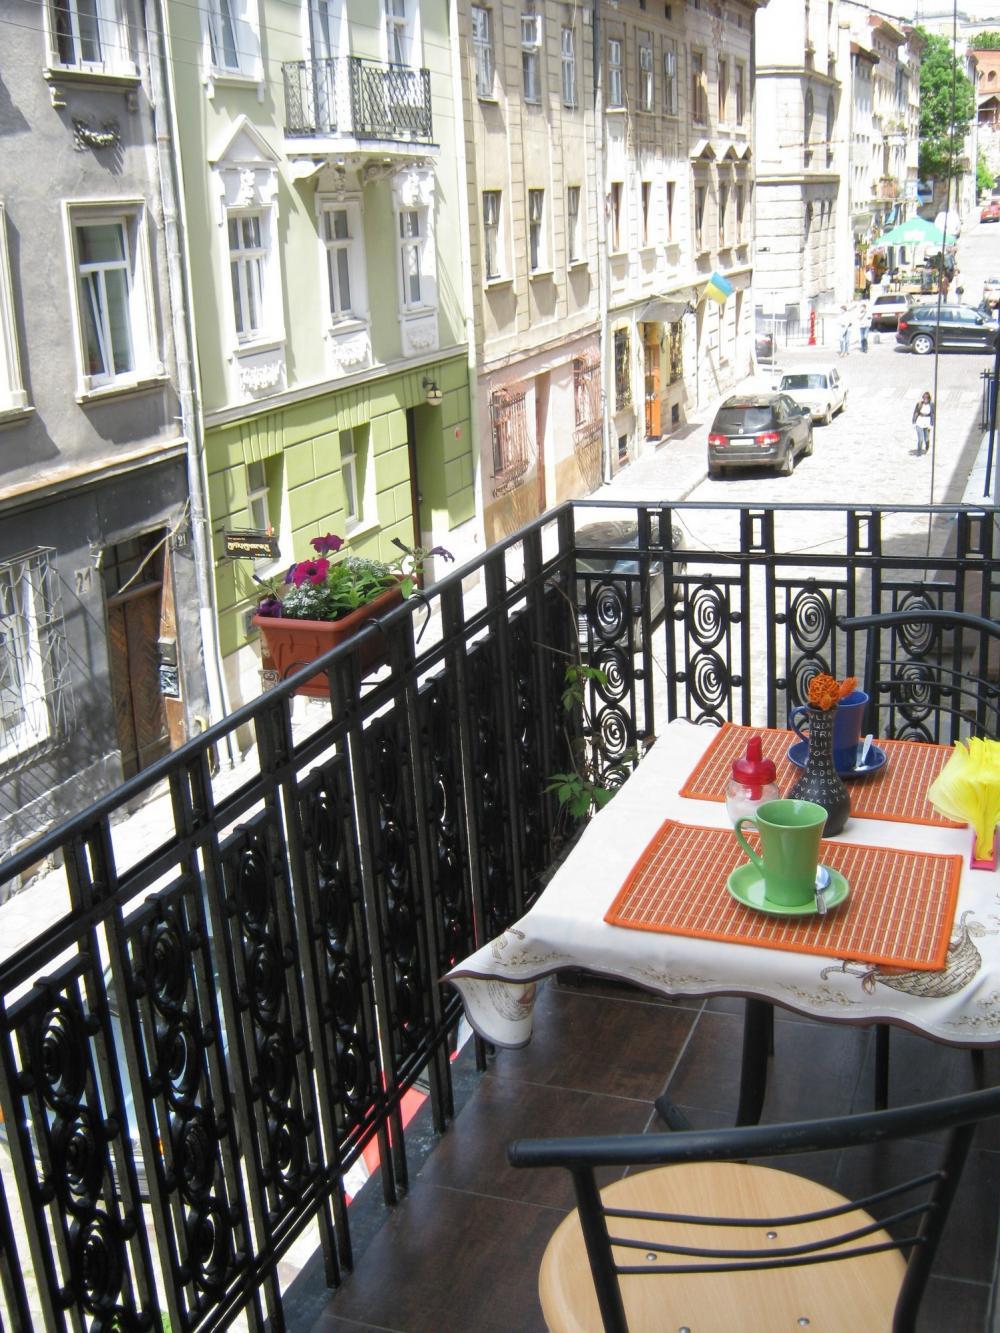 Снять квартиру во Львове посуточно — Жизнь, Недвижимость | Моя газета